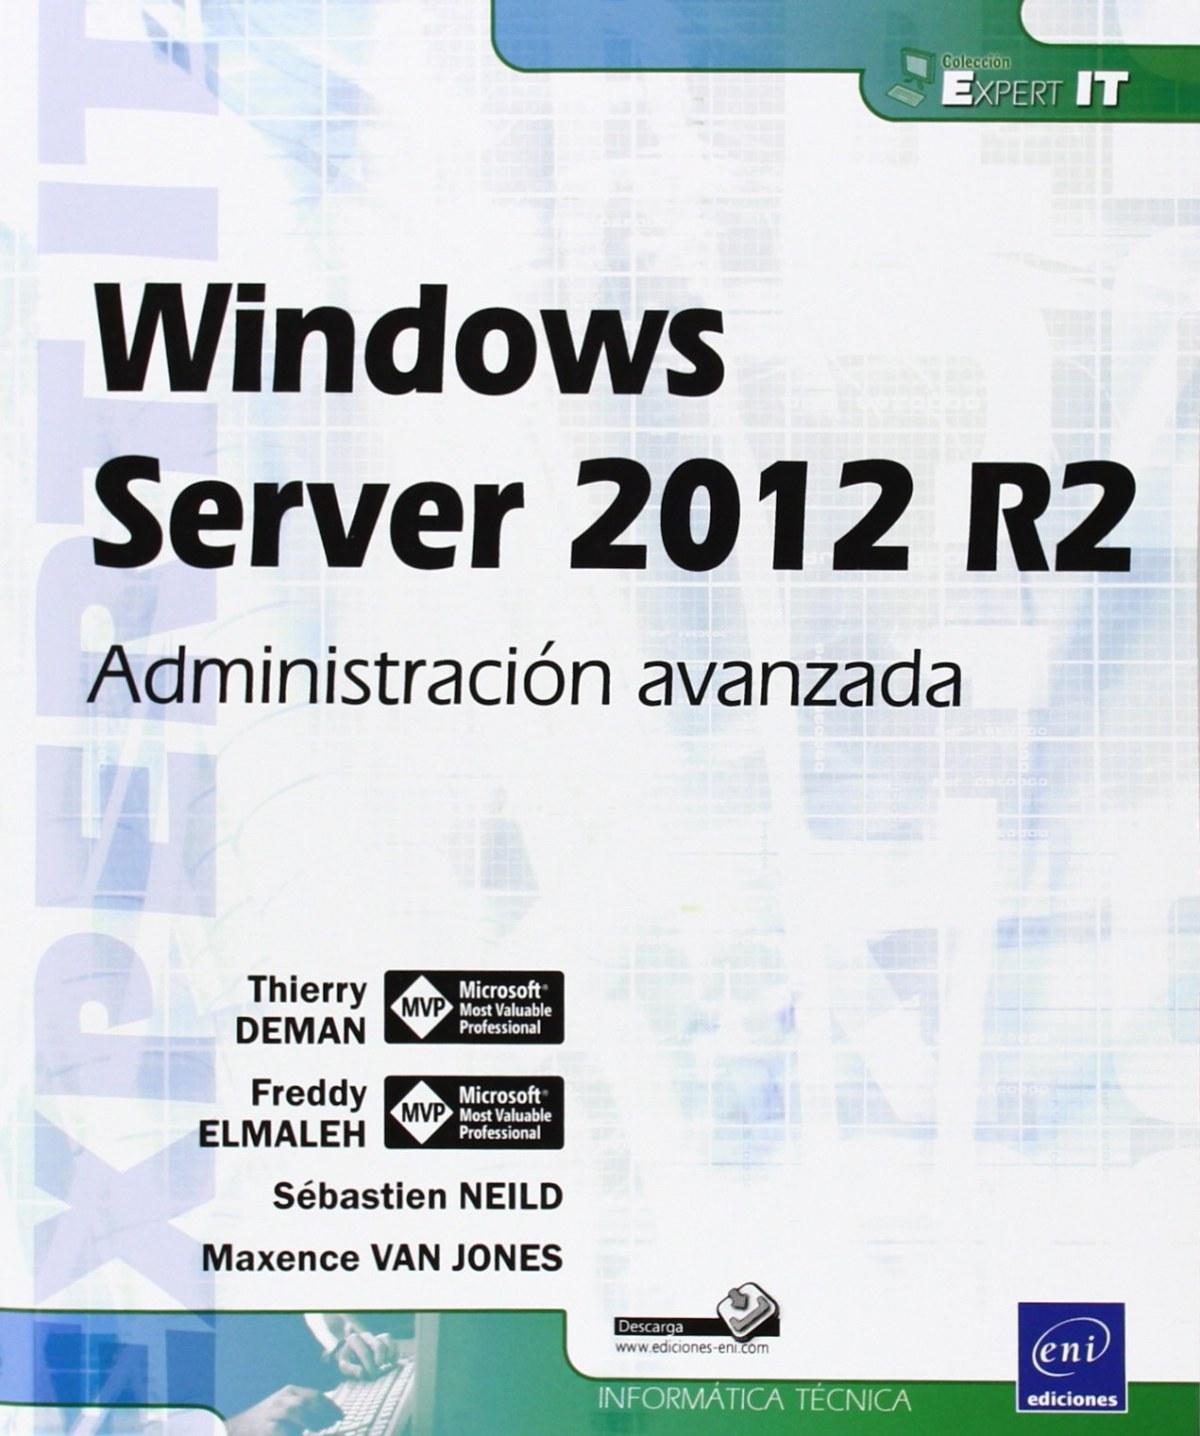 Expert IT Windows Server 2012 R2 - Administración avanzada